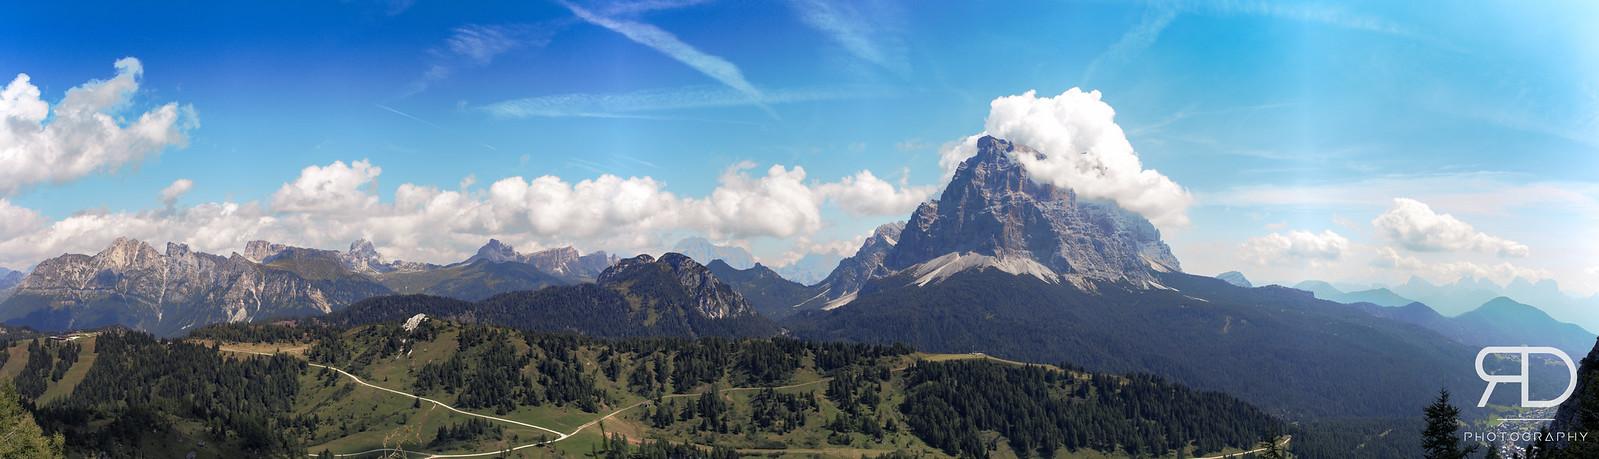 Mt_Pelmo_Alleghe